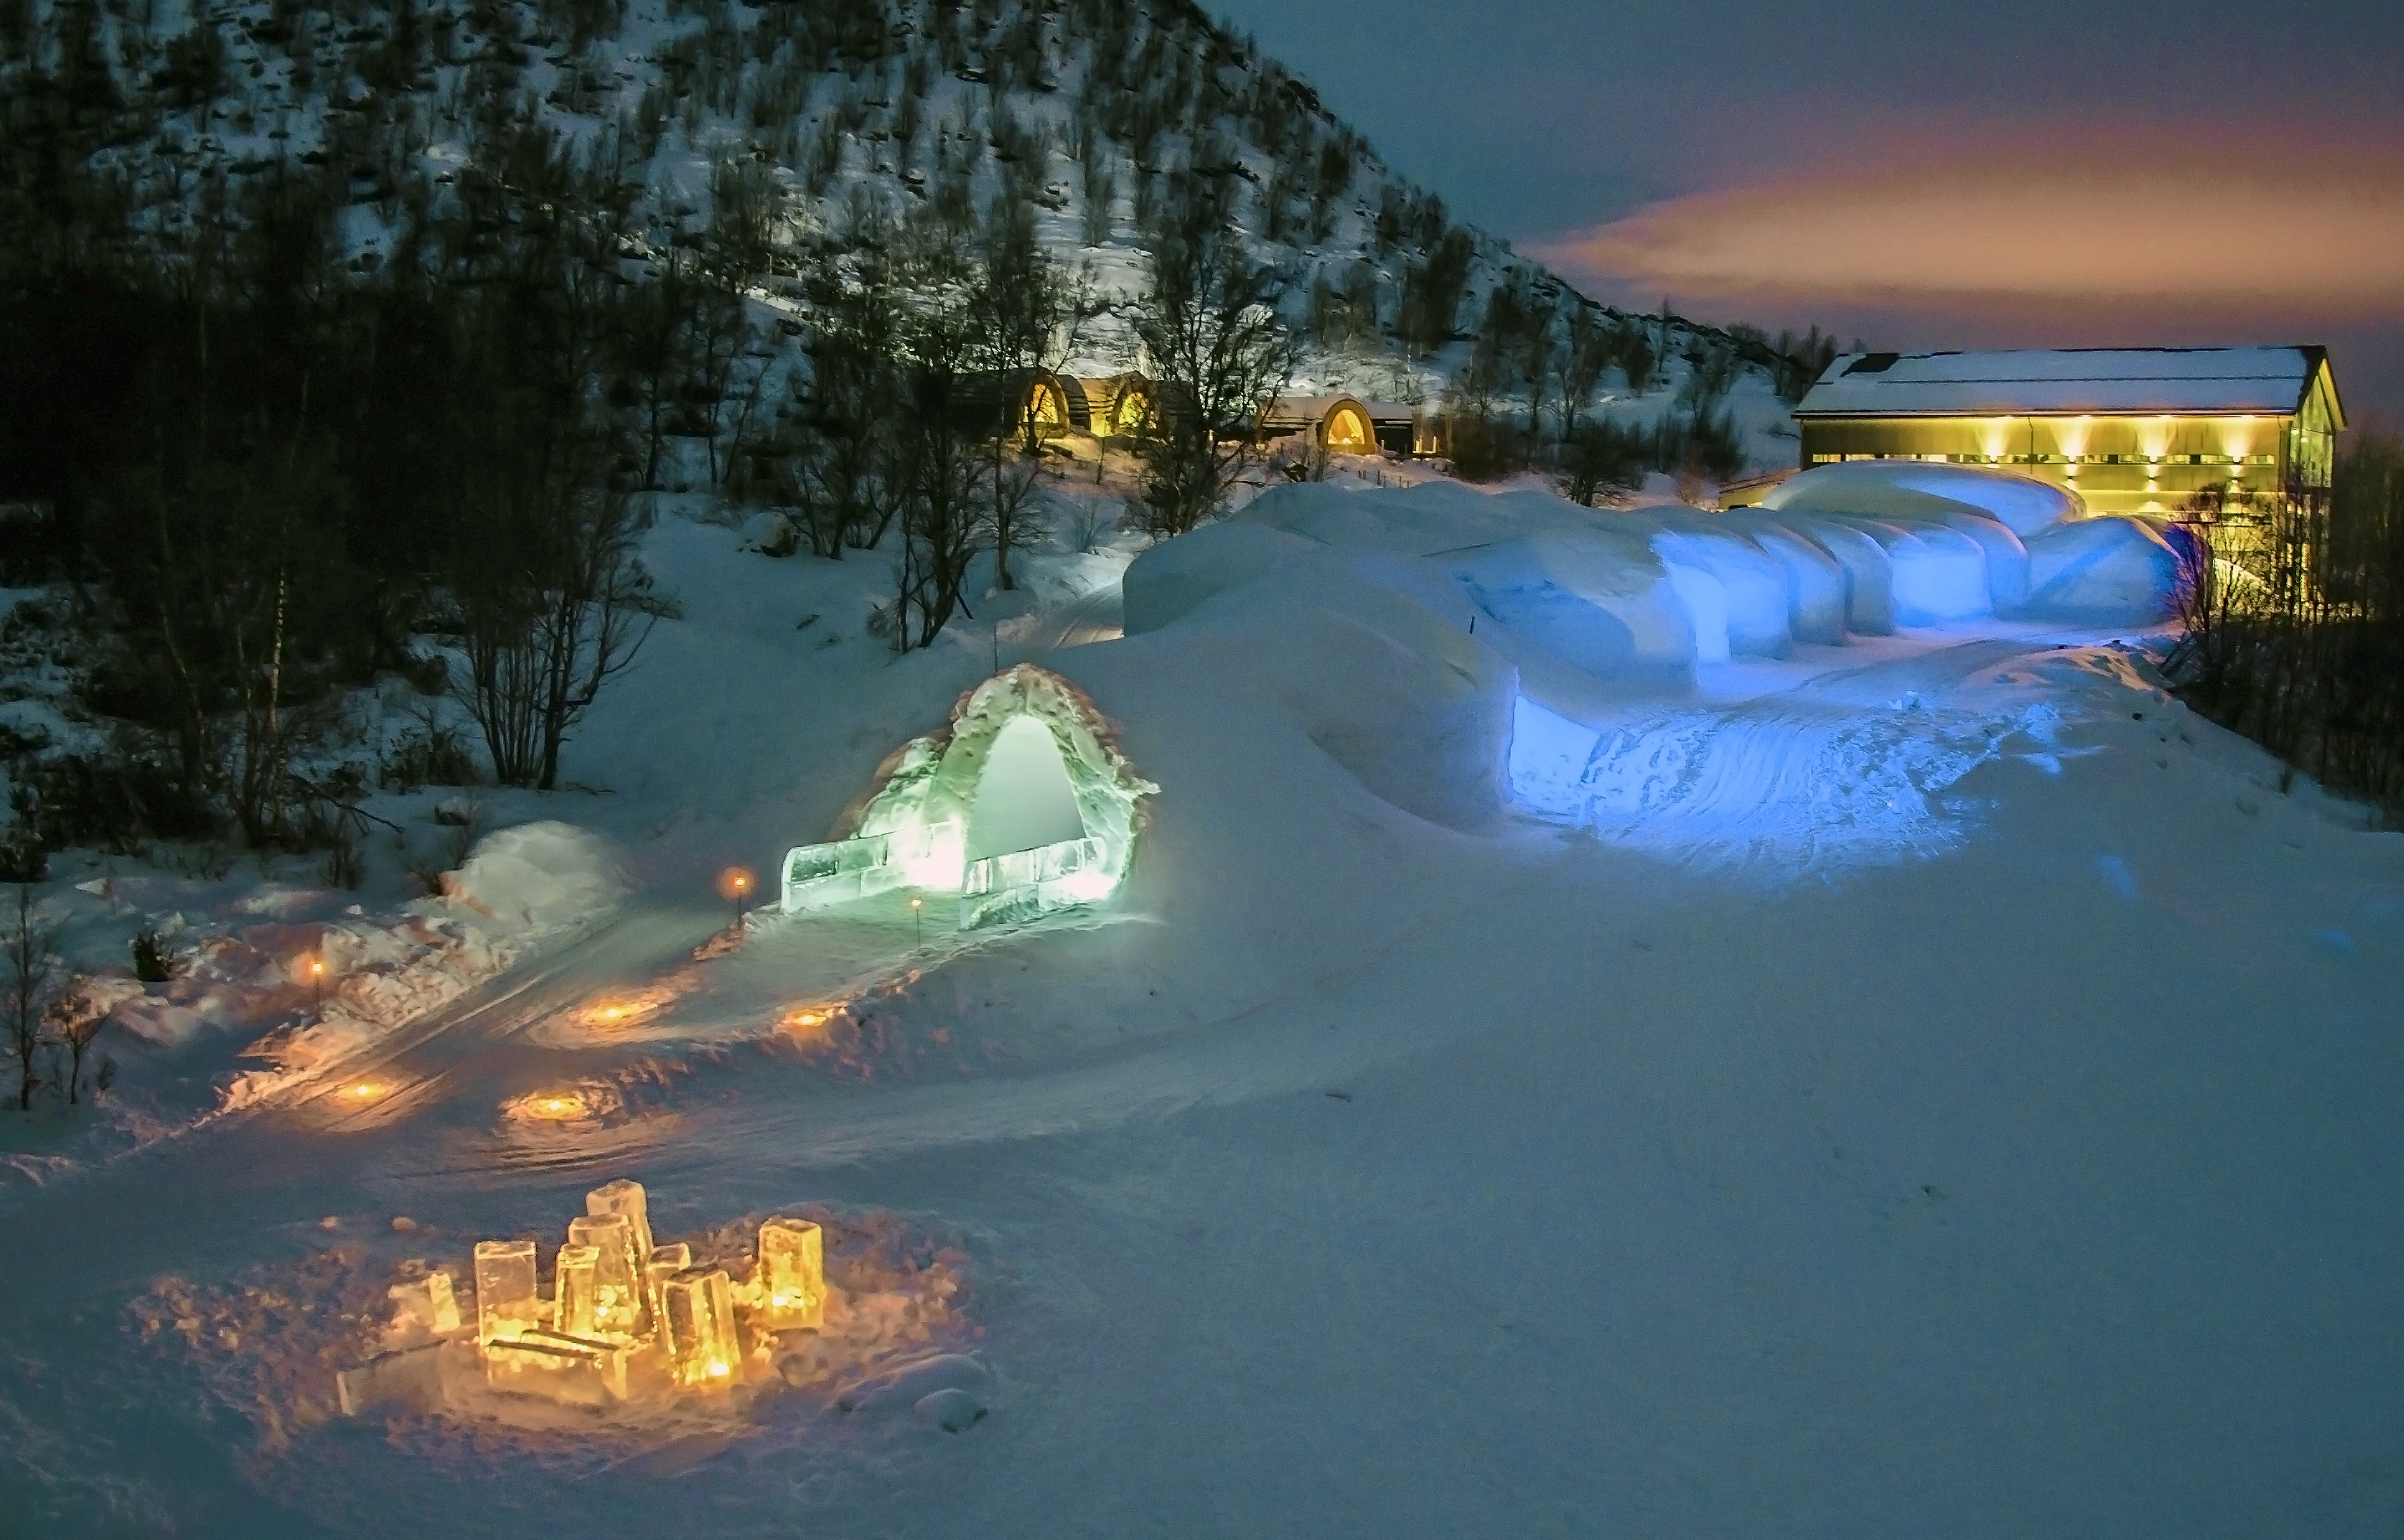 Kirkenes-Snow-Hotel-width-700-height-350.jpg